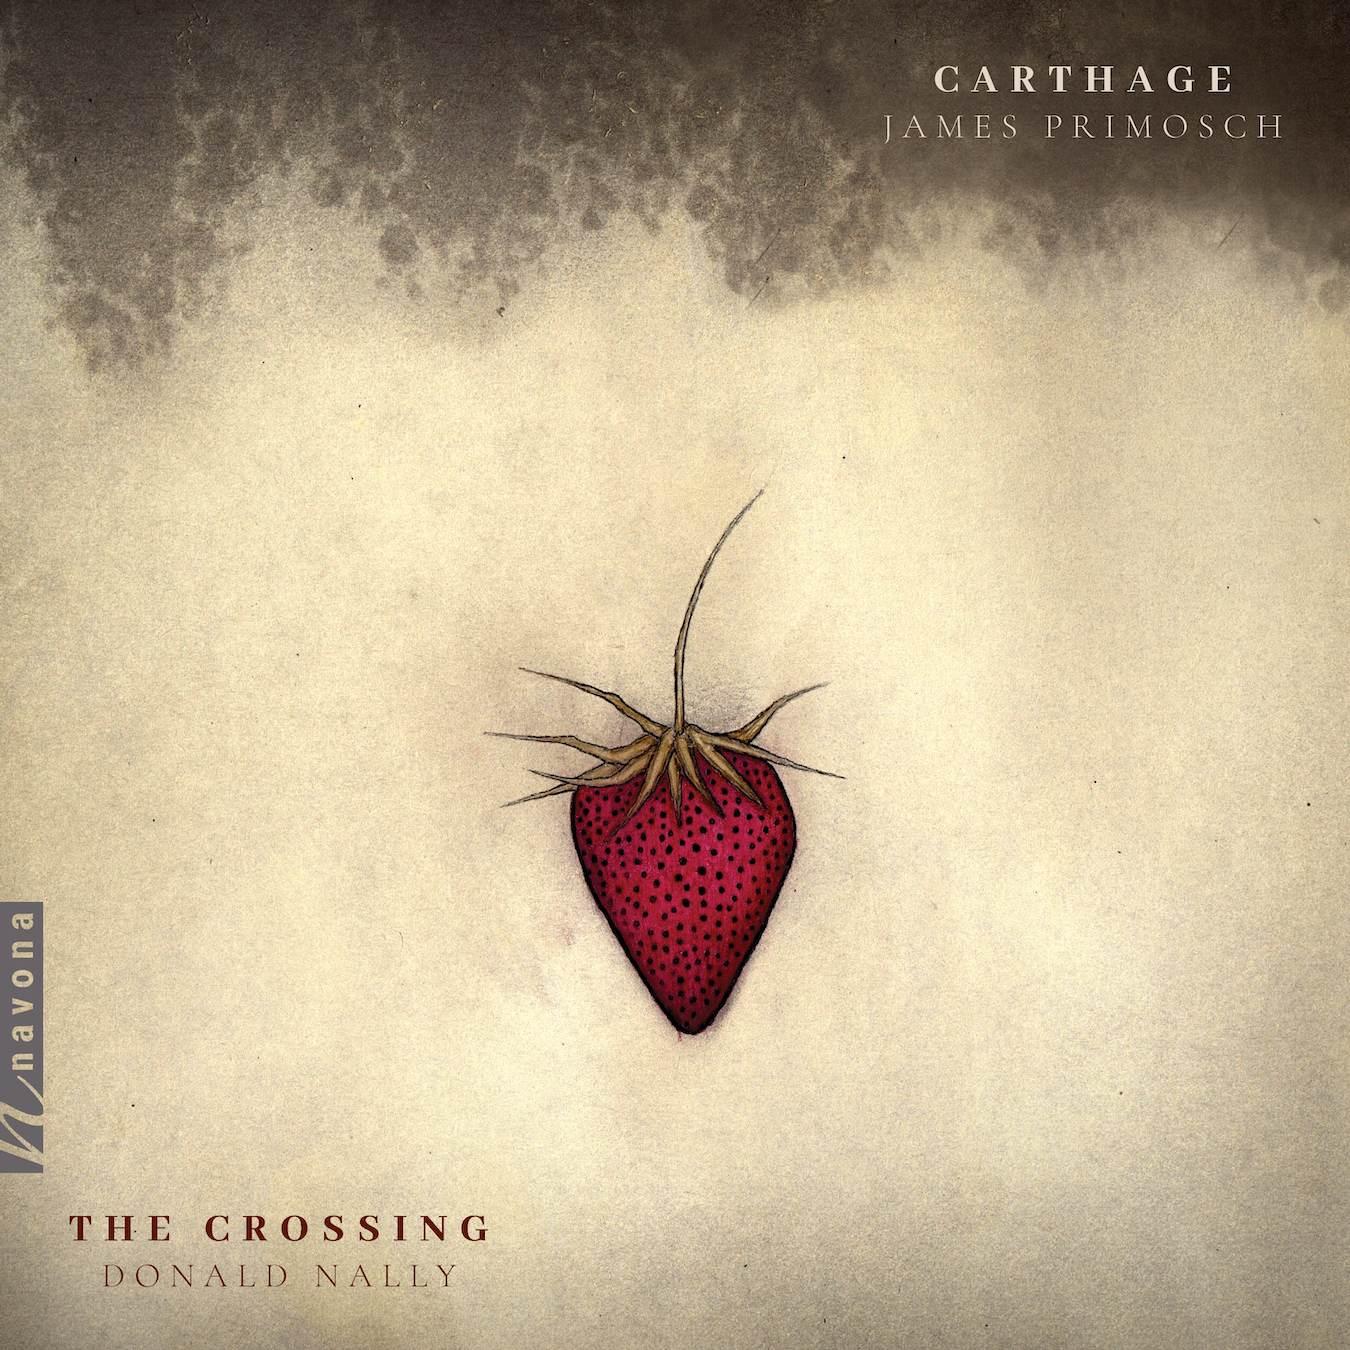 CARTHAGE - album cover